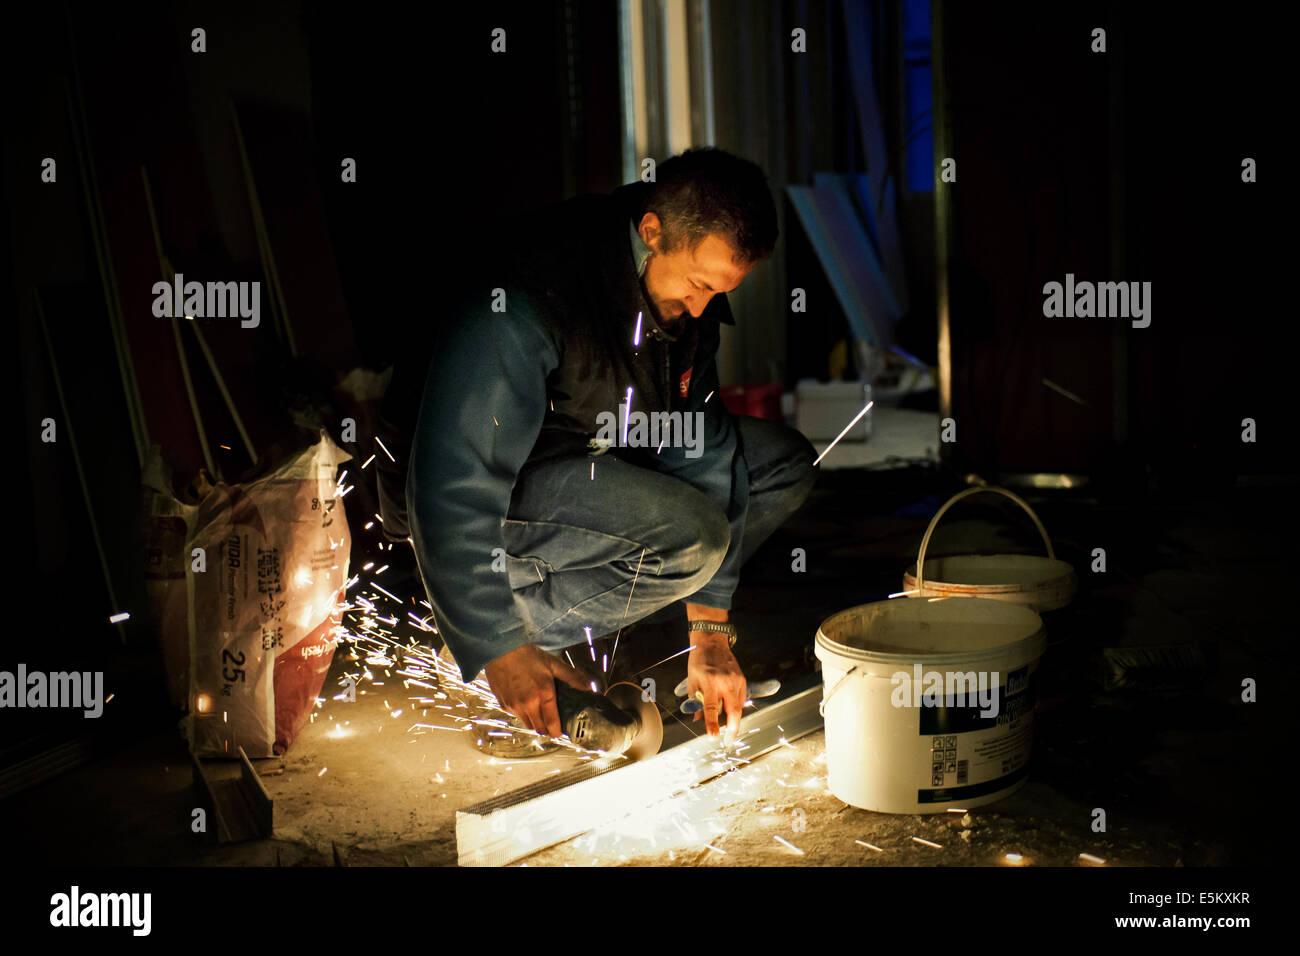 Man at work cutting metal profiles - Stock Image